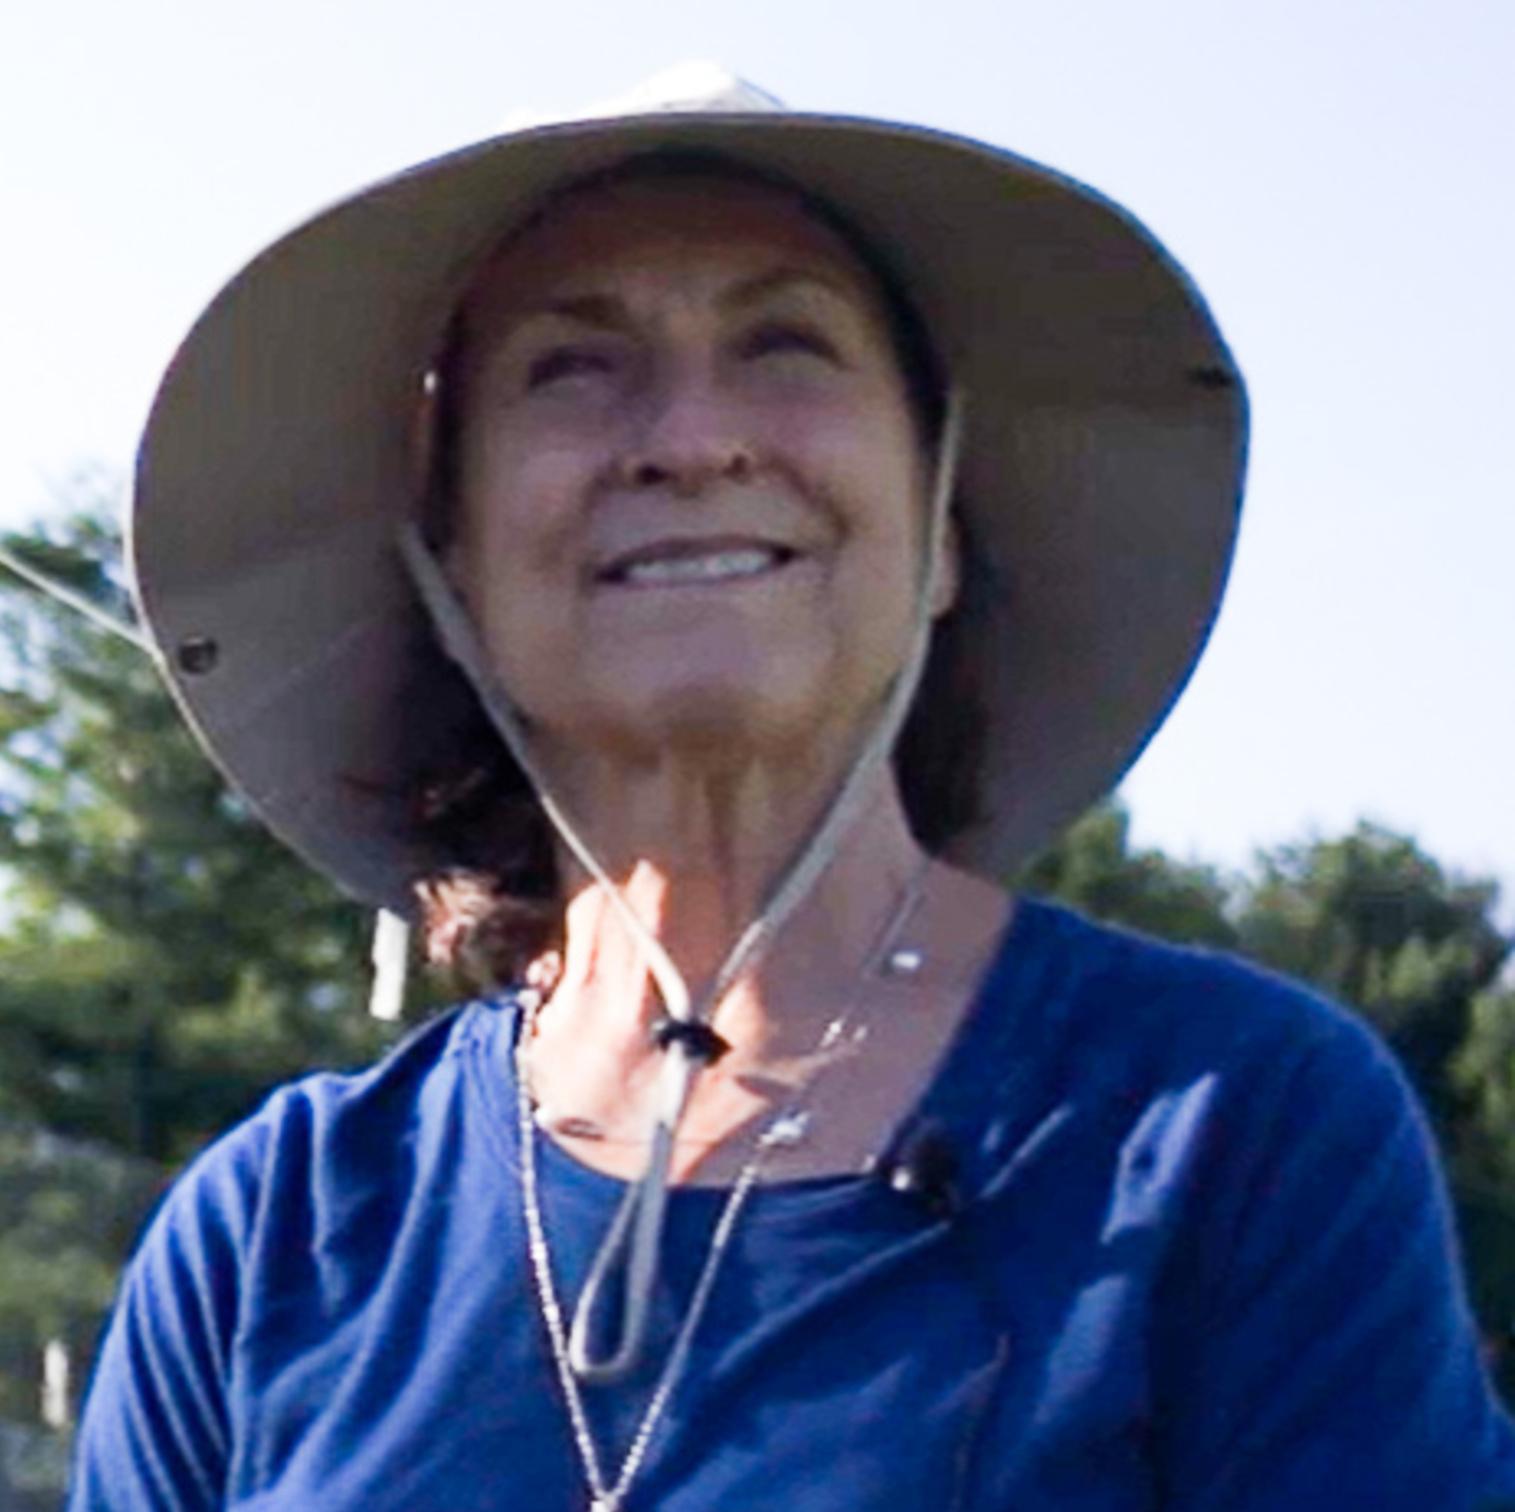 Karen in a gardening hat